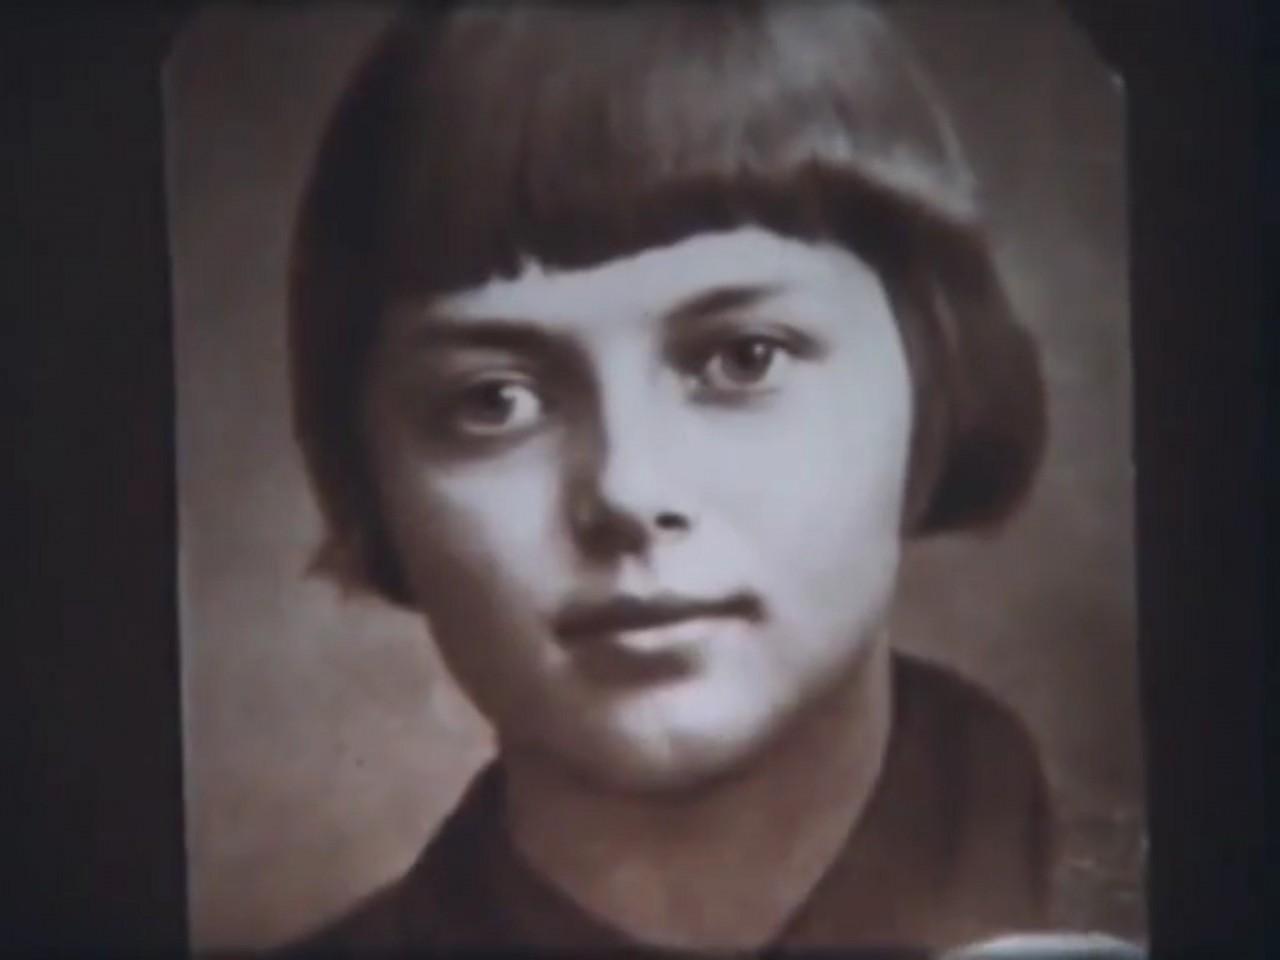 17-и летняя партизанка из Ленинграда Зина Портнова, героиня поседевшая от пыток